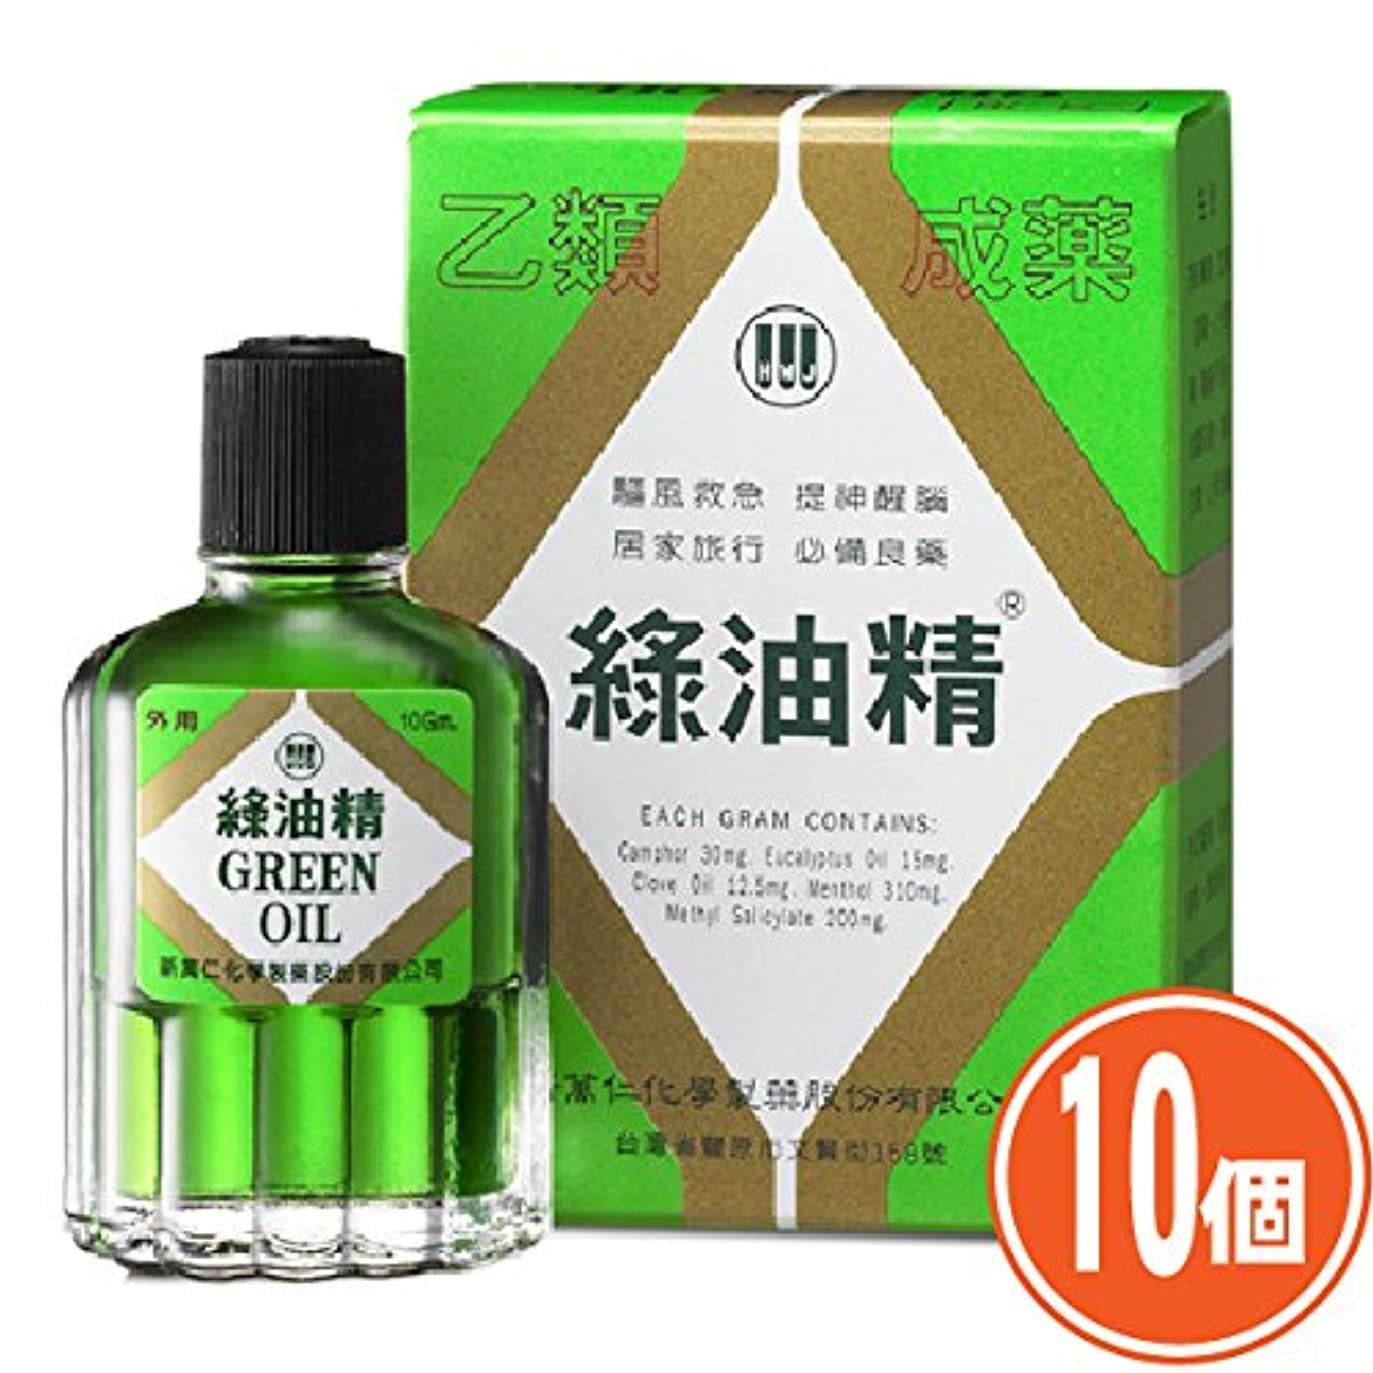 水分チャレンジちなみに《新萬仁》台湾の万能グリーンオイル 緑油精 3g ×10個 《台湾 お土産》(▼300円値引) [並行輸入品]